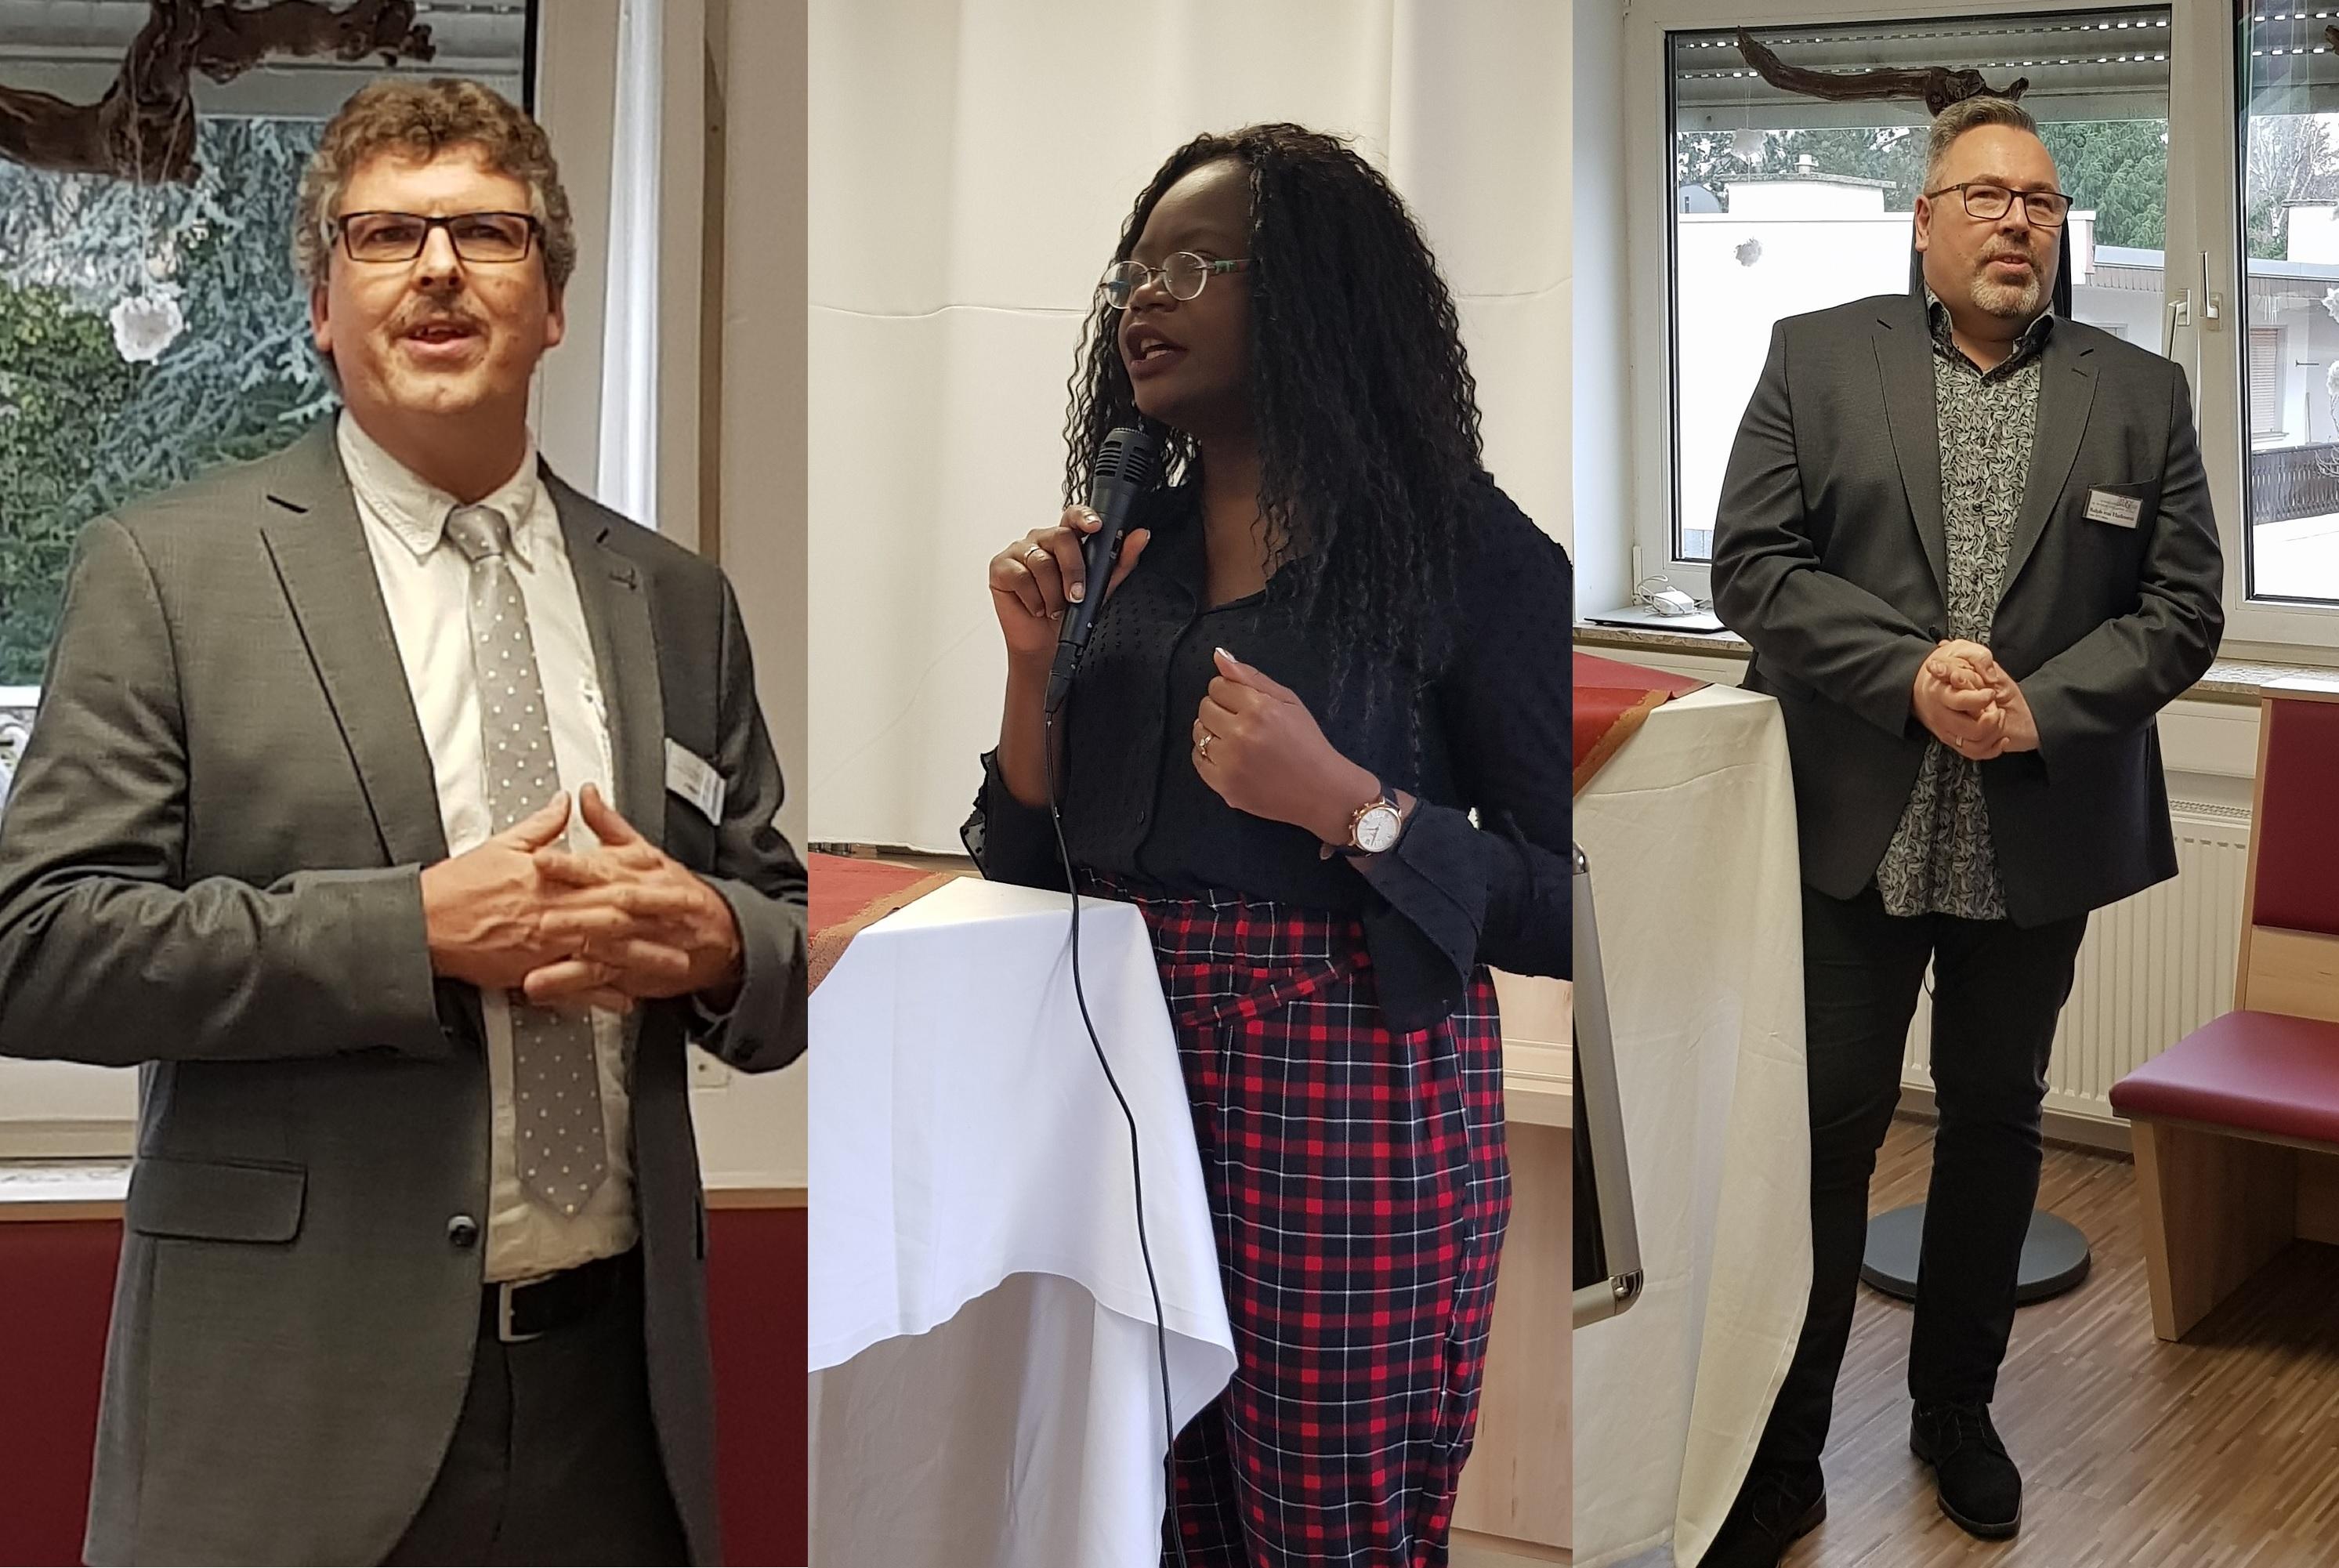 v.l.n.r. Volkmar Hanf (Akademieleiter FAW Mainz), Nathalie Tsouandong (Referentin), Ralph von Harlessem (Leiter BTZ Mainz, FAW)